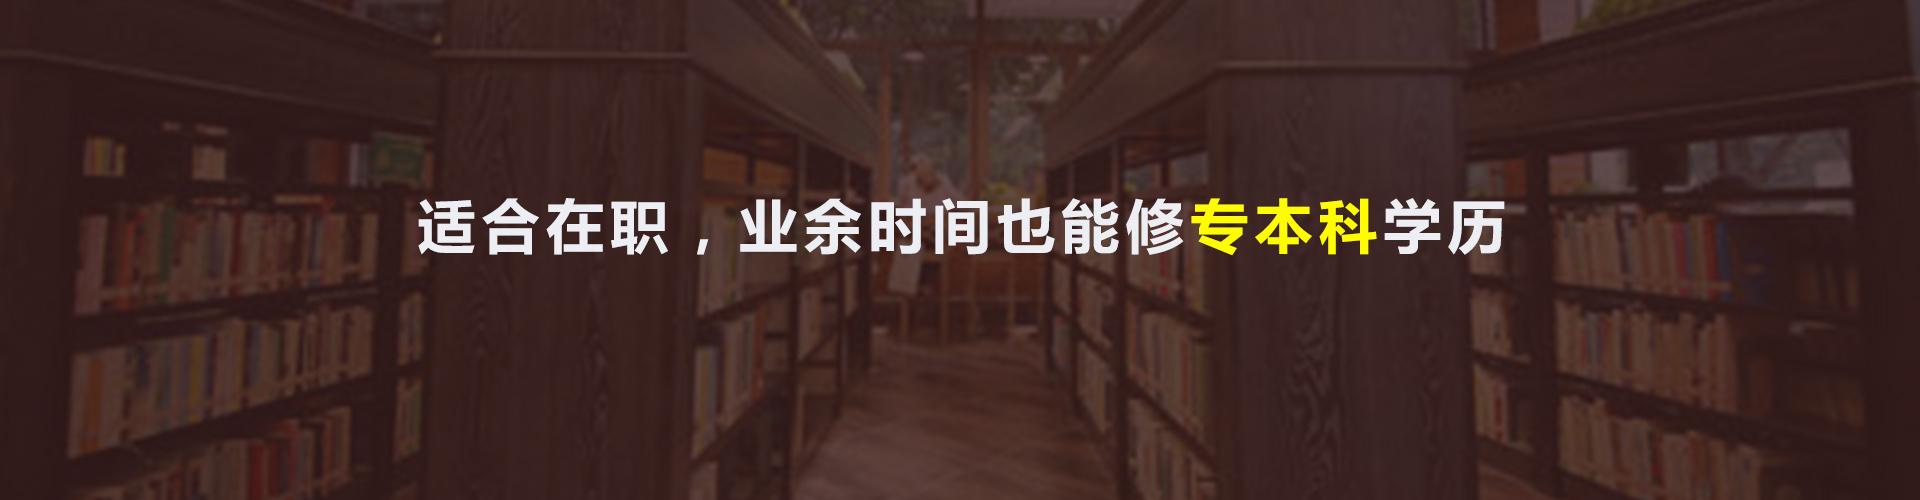 济南智文教育培训学校